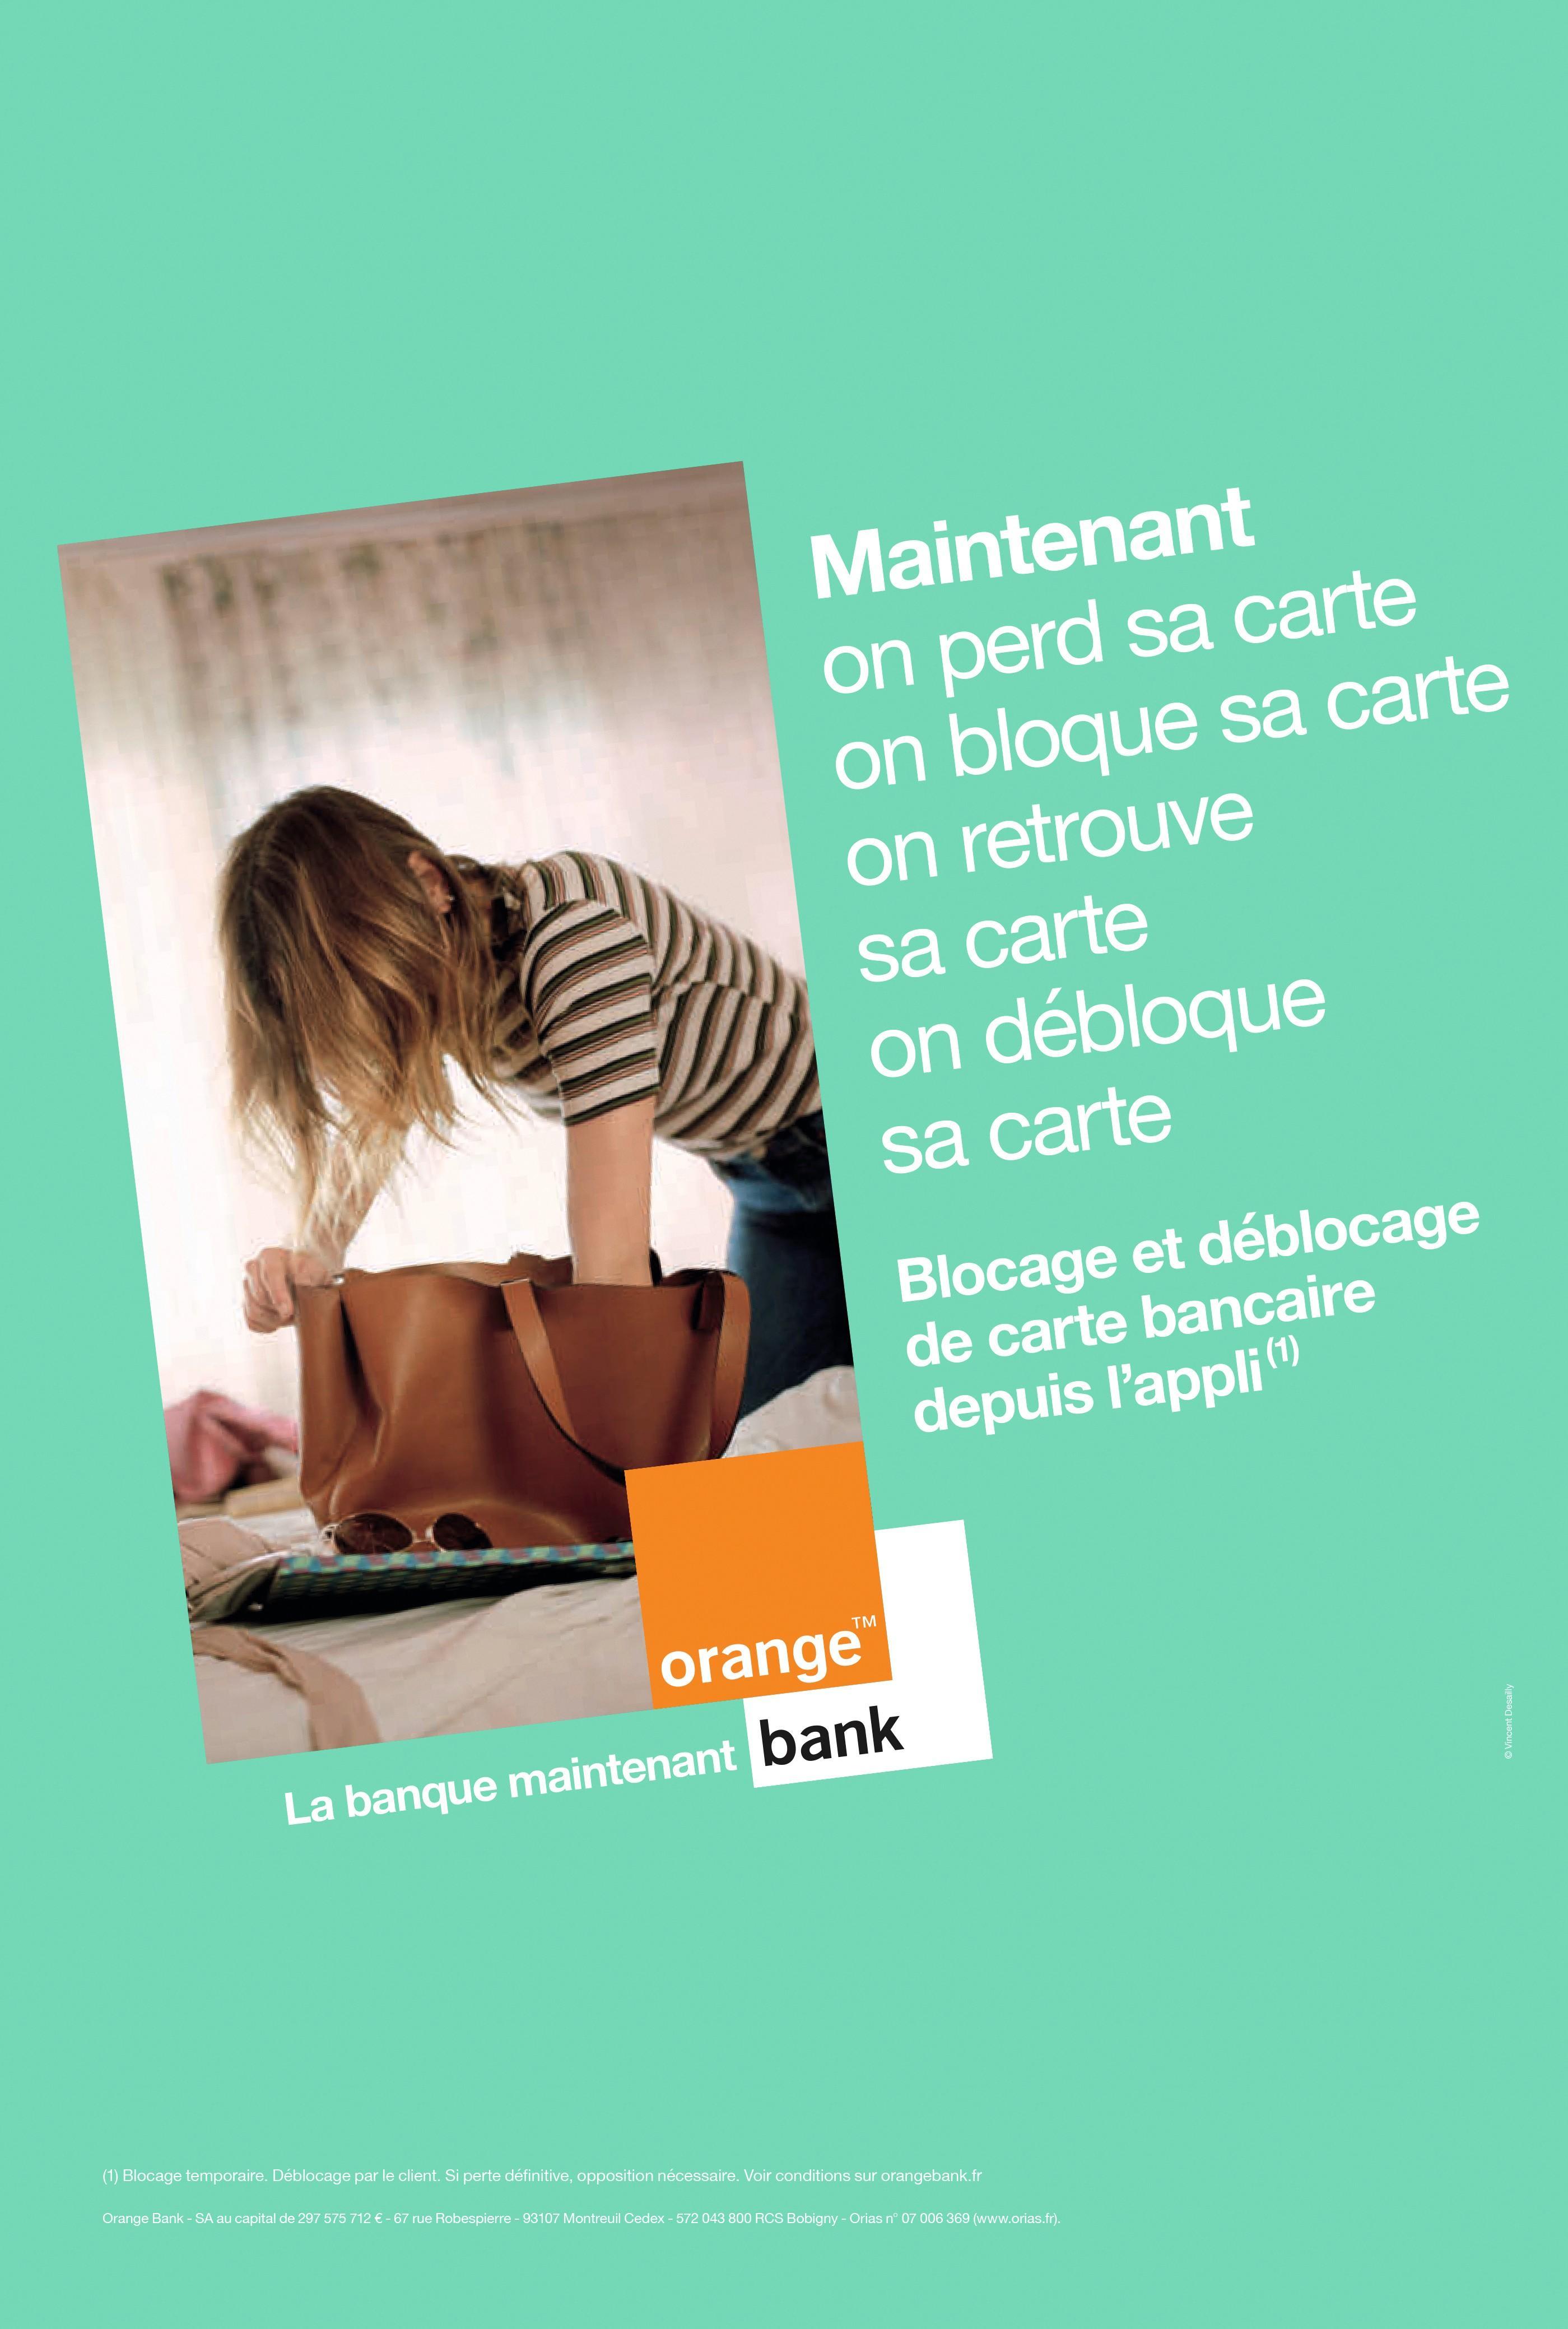 Publicité pour Orange Bank, système de paiement par mobile géré par un opérateur téléphonique.